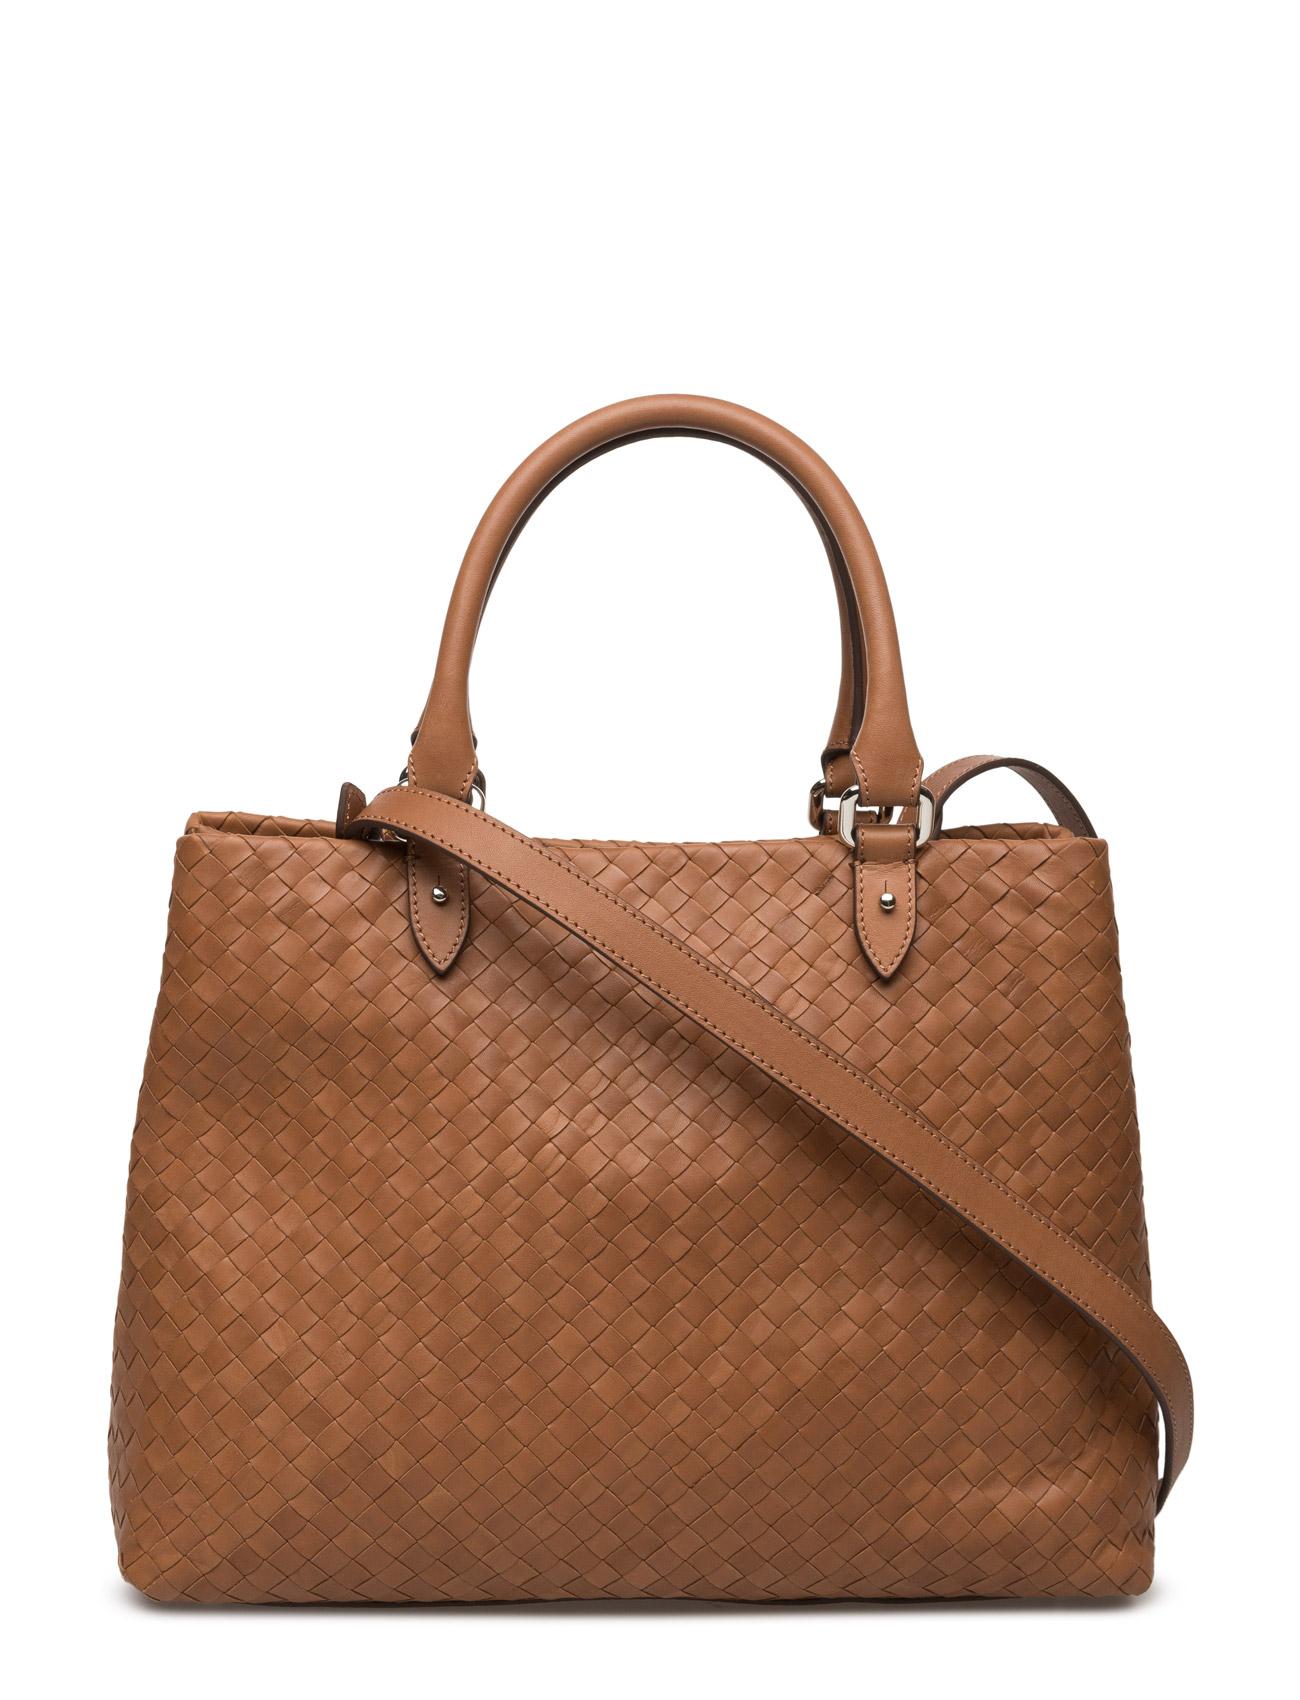 Woven Hand Bag With Strap Decadent Tasker til Kvinder i cognac